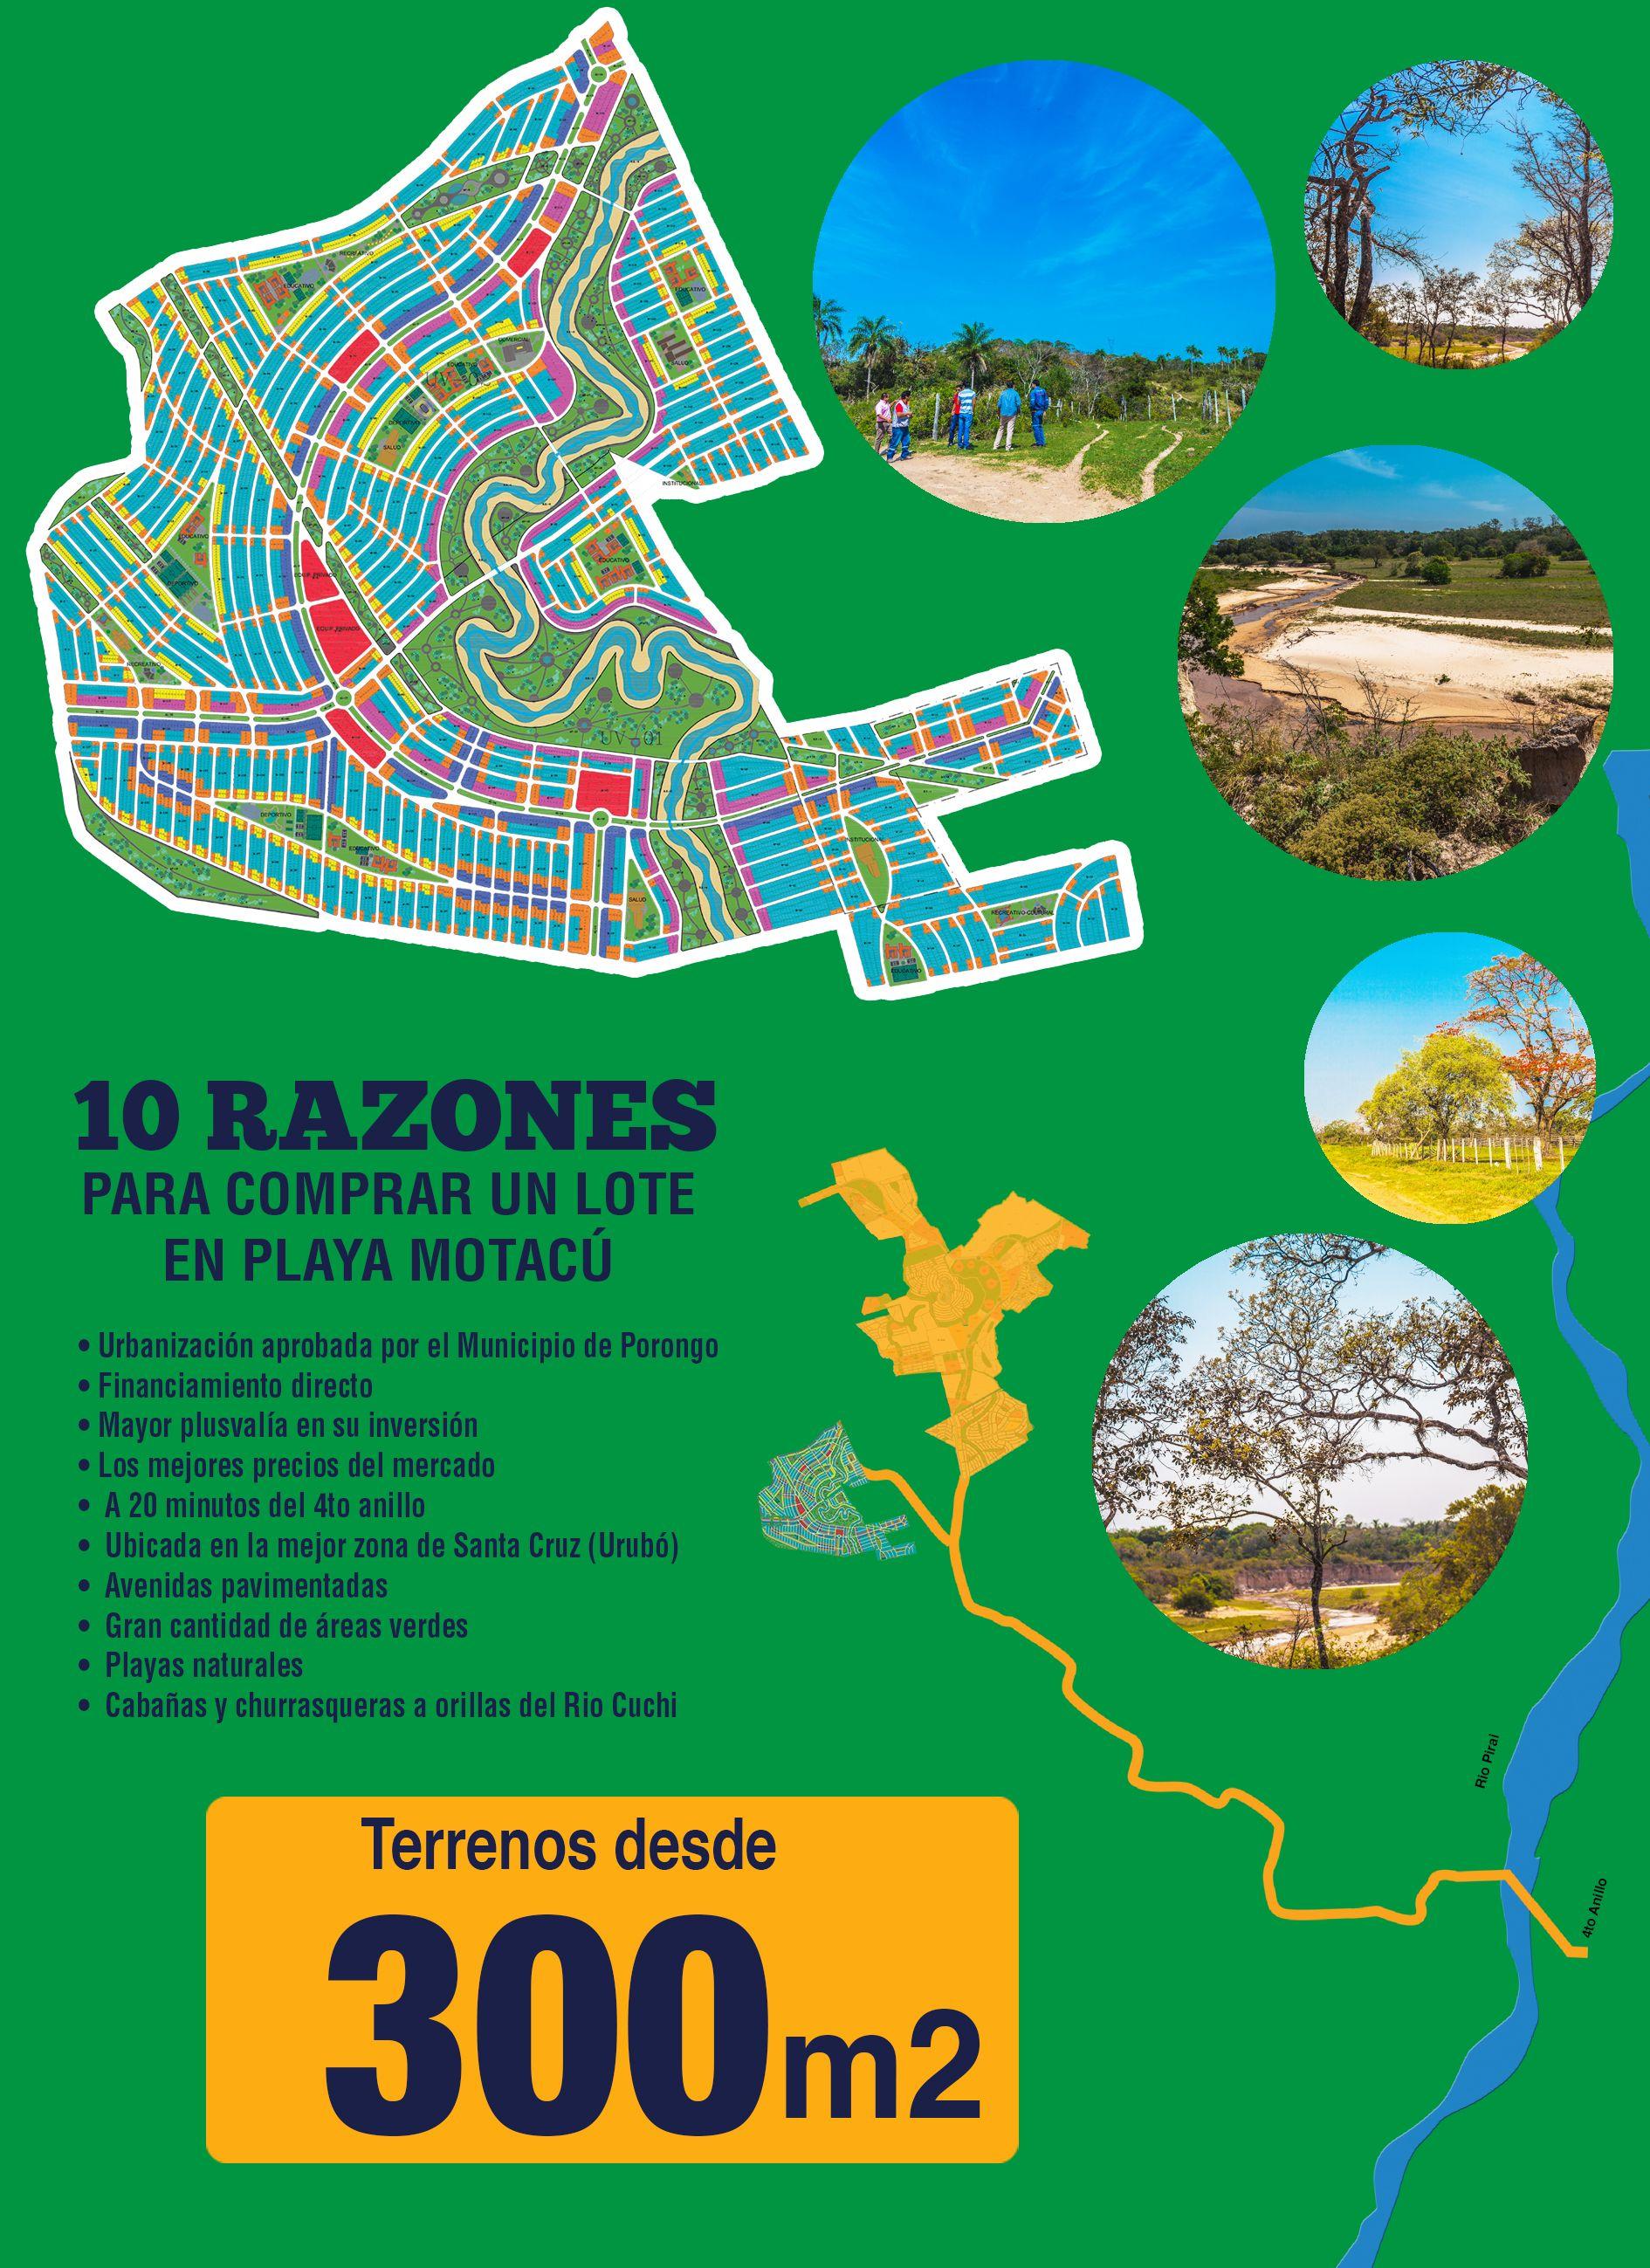 Plano general de los terrenos de Playa Motacu